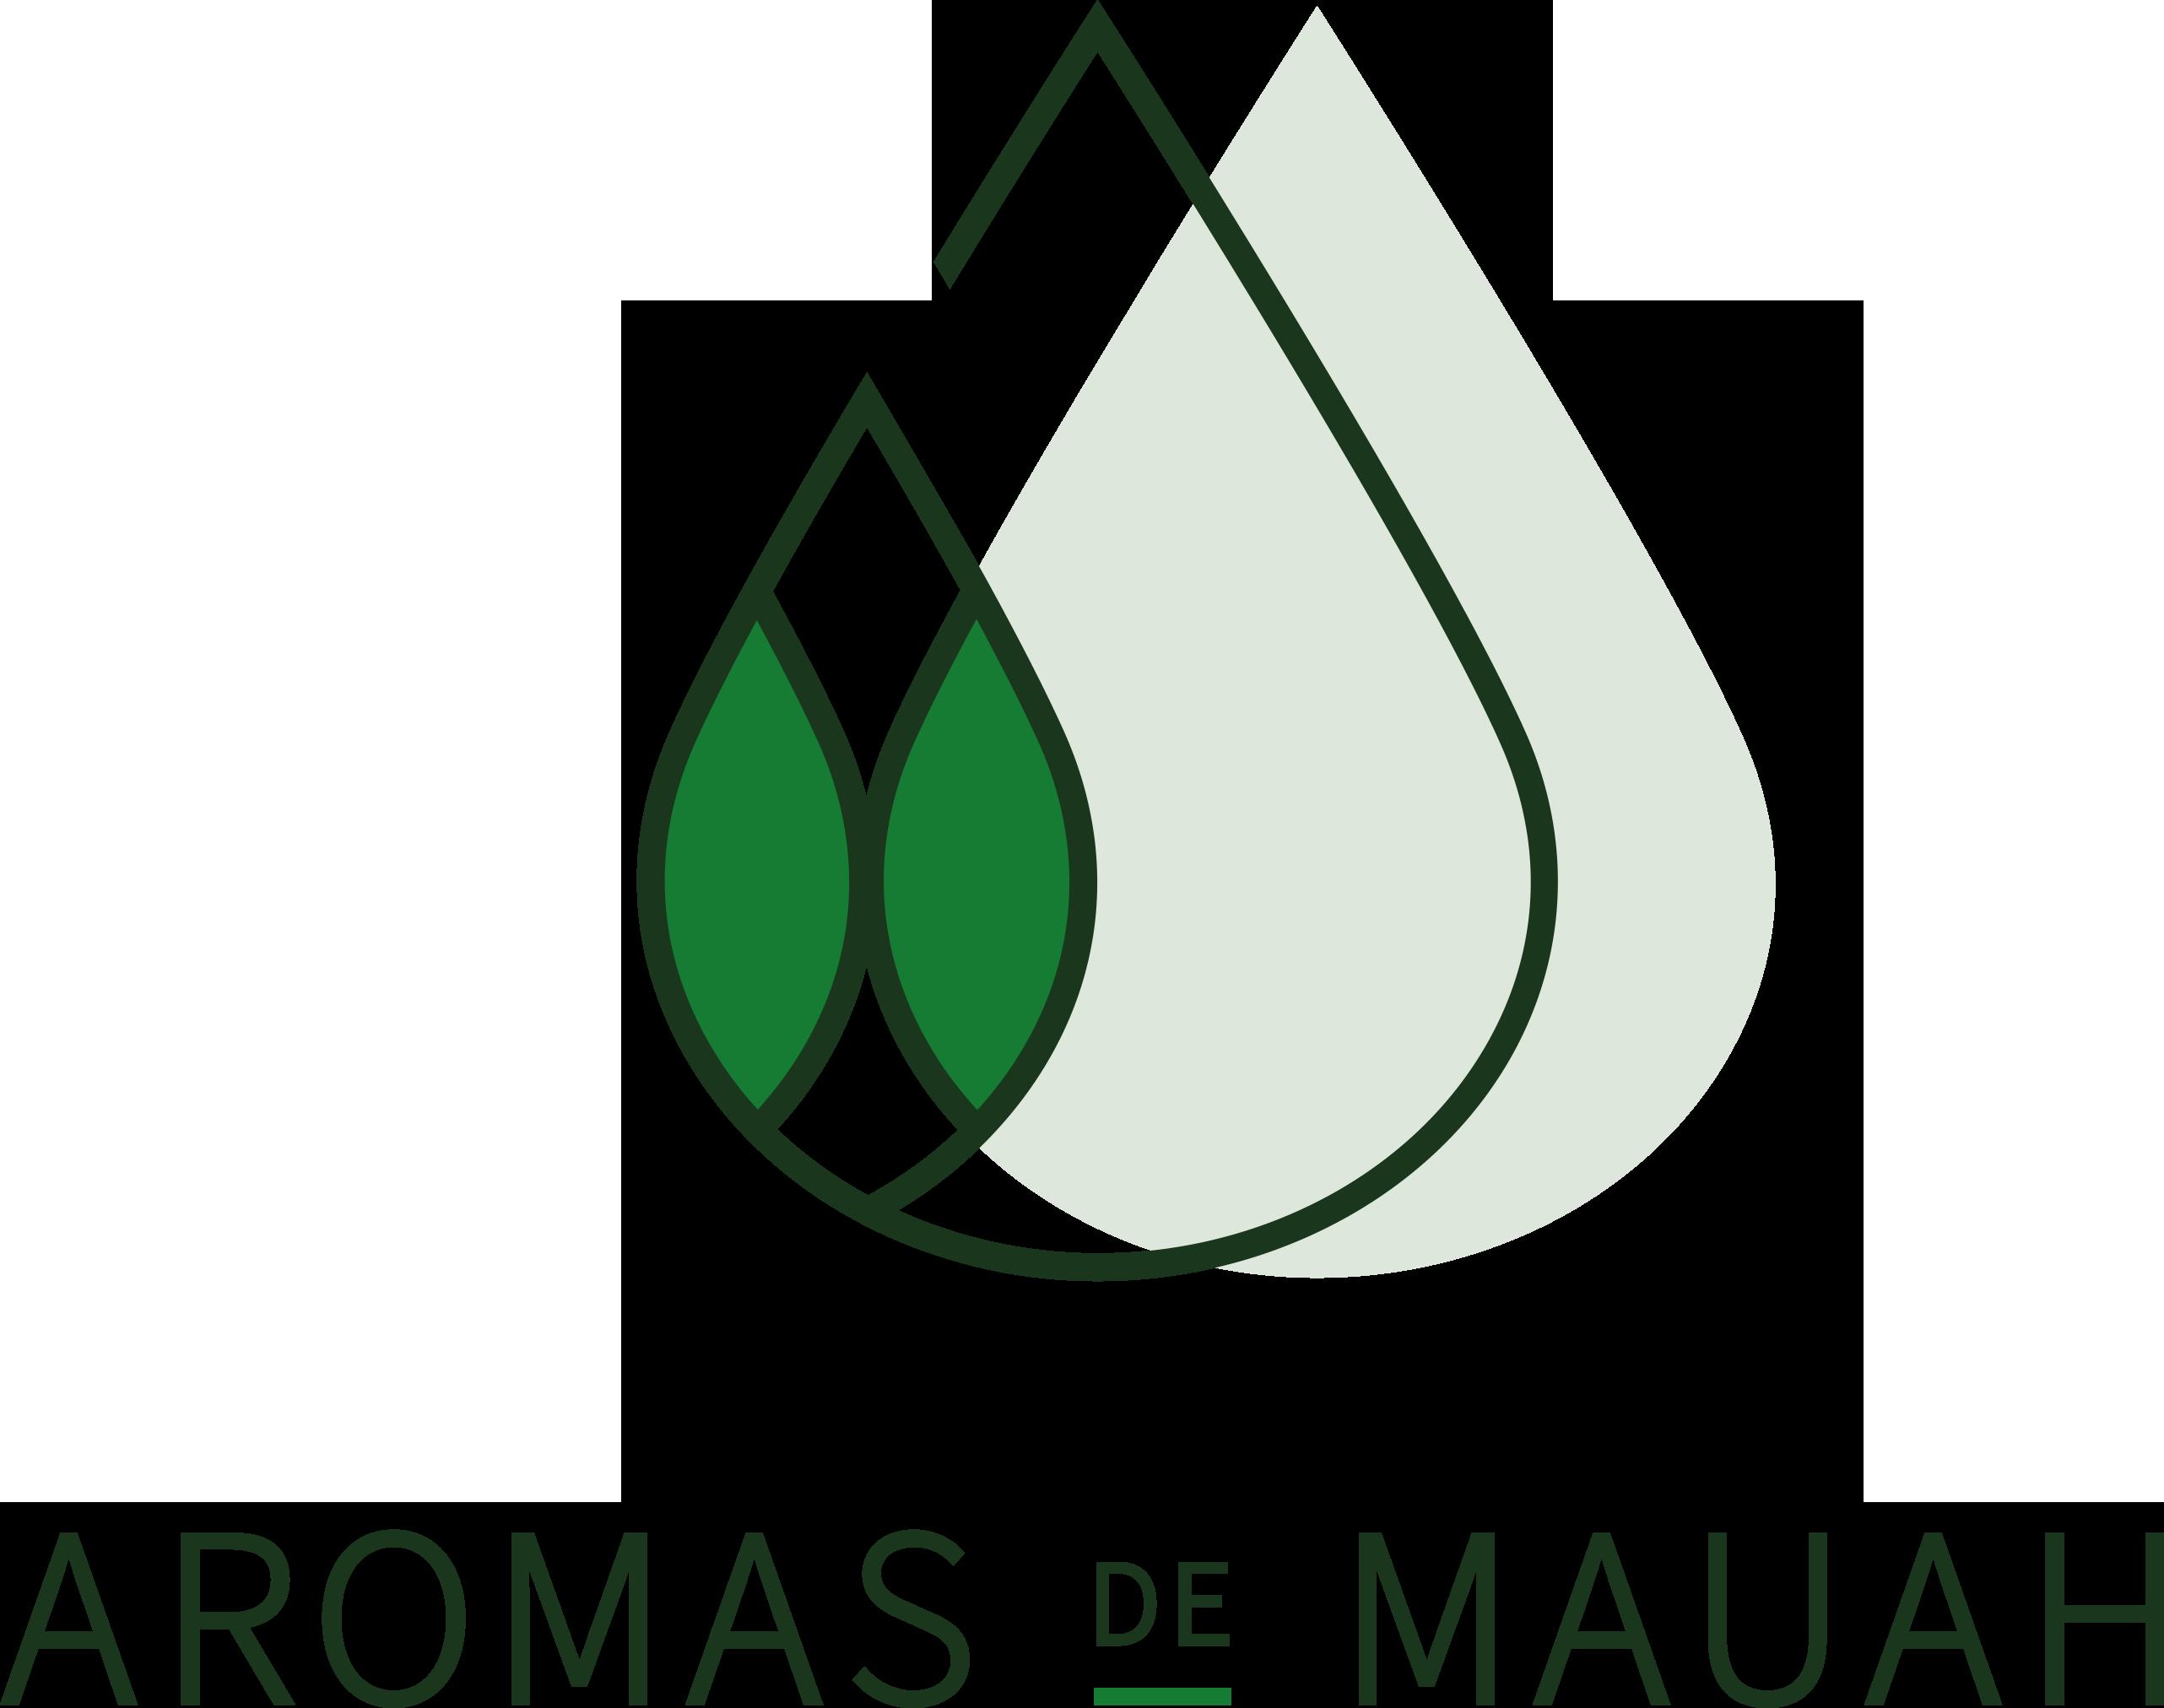 Aromas de Mauah